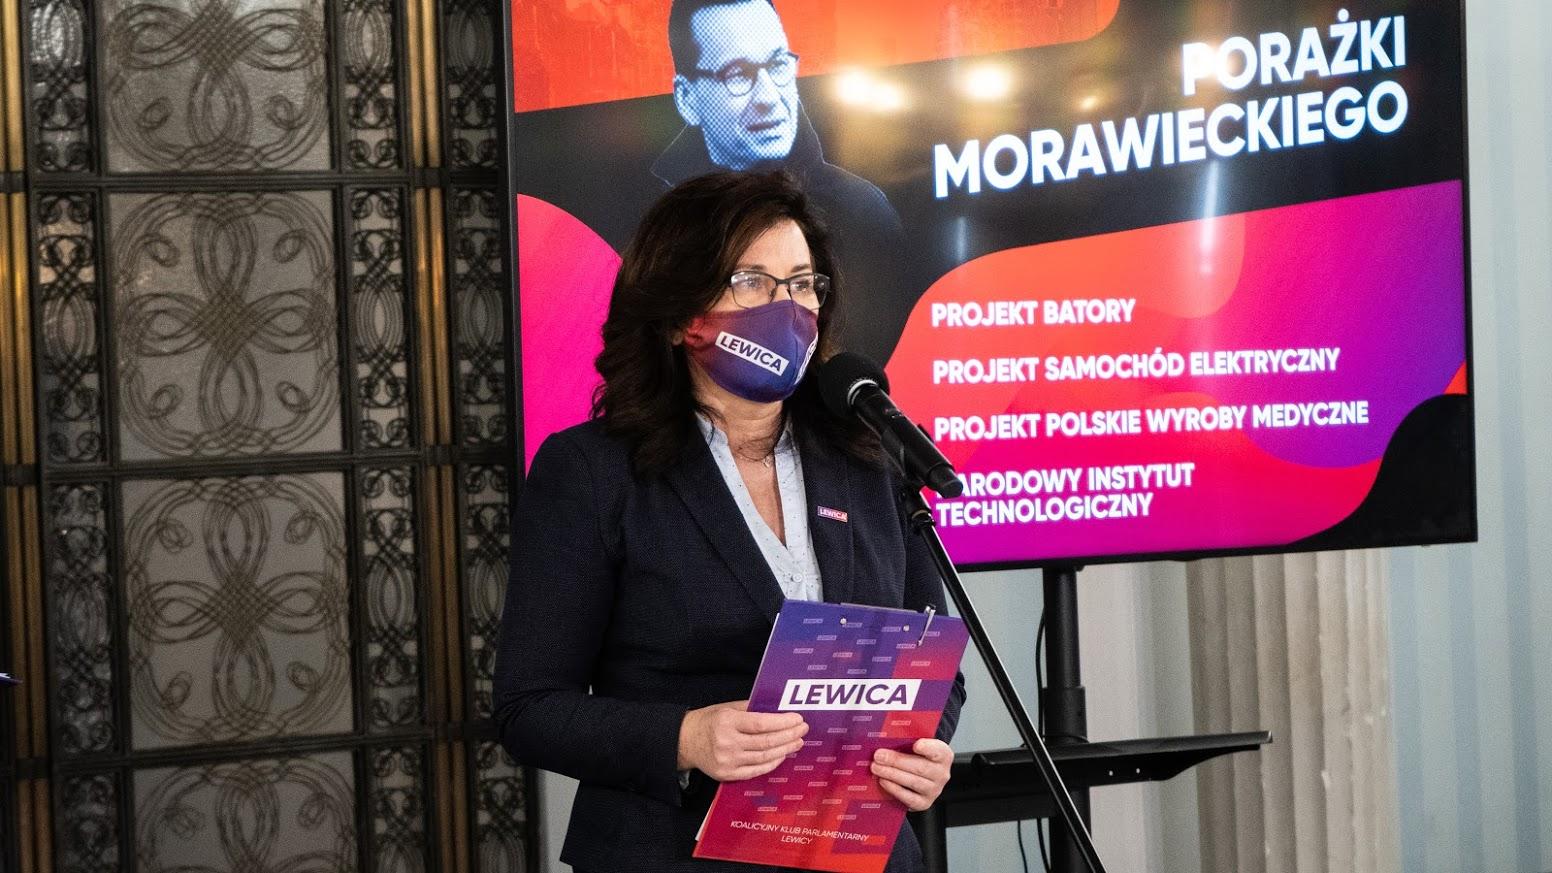 """Rząd wprowadzi """"Nowy ład"""". Lewica przypomina porażkę """"planu Morawieckiego"""""""